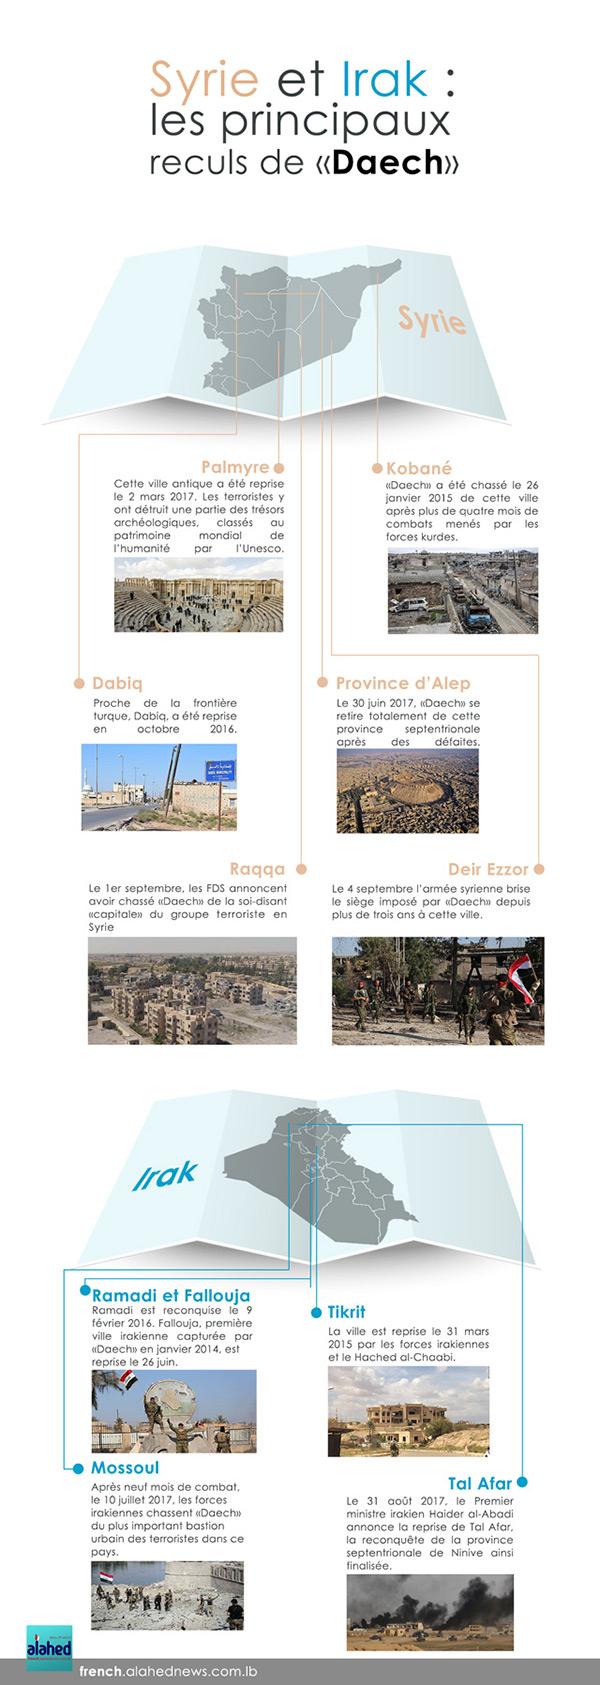 Syrie et Irak: les principaux reculs de «Daech».